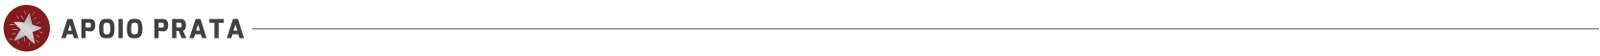 barra-apoio-prata-01